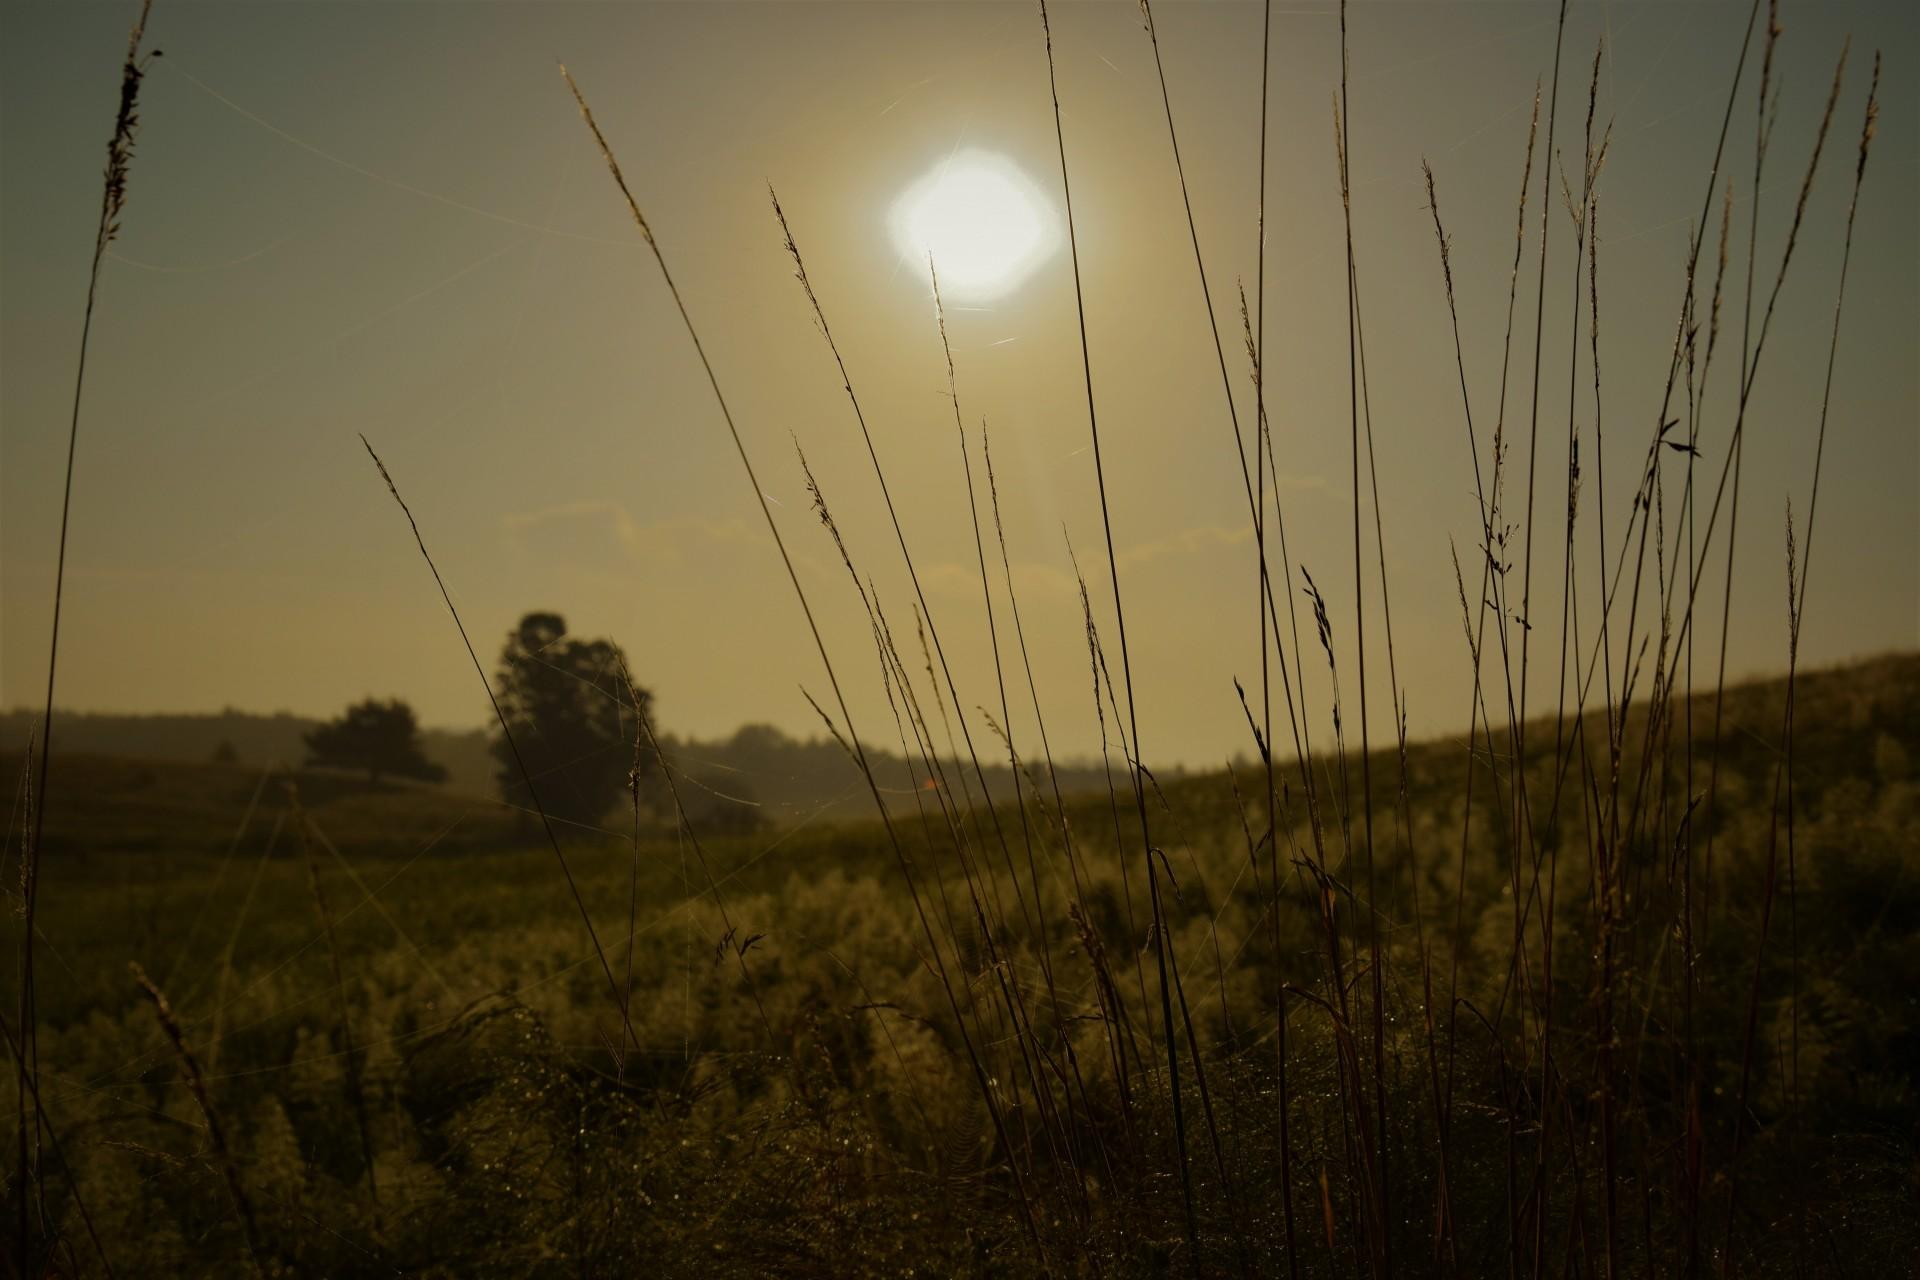 Łąka o świcie jest naga. Wracając z imprezy... 8